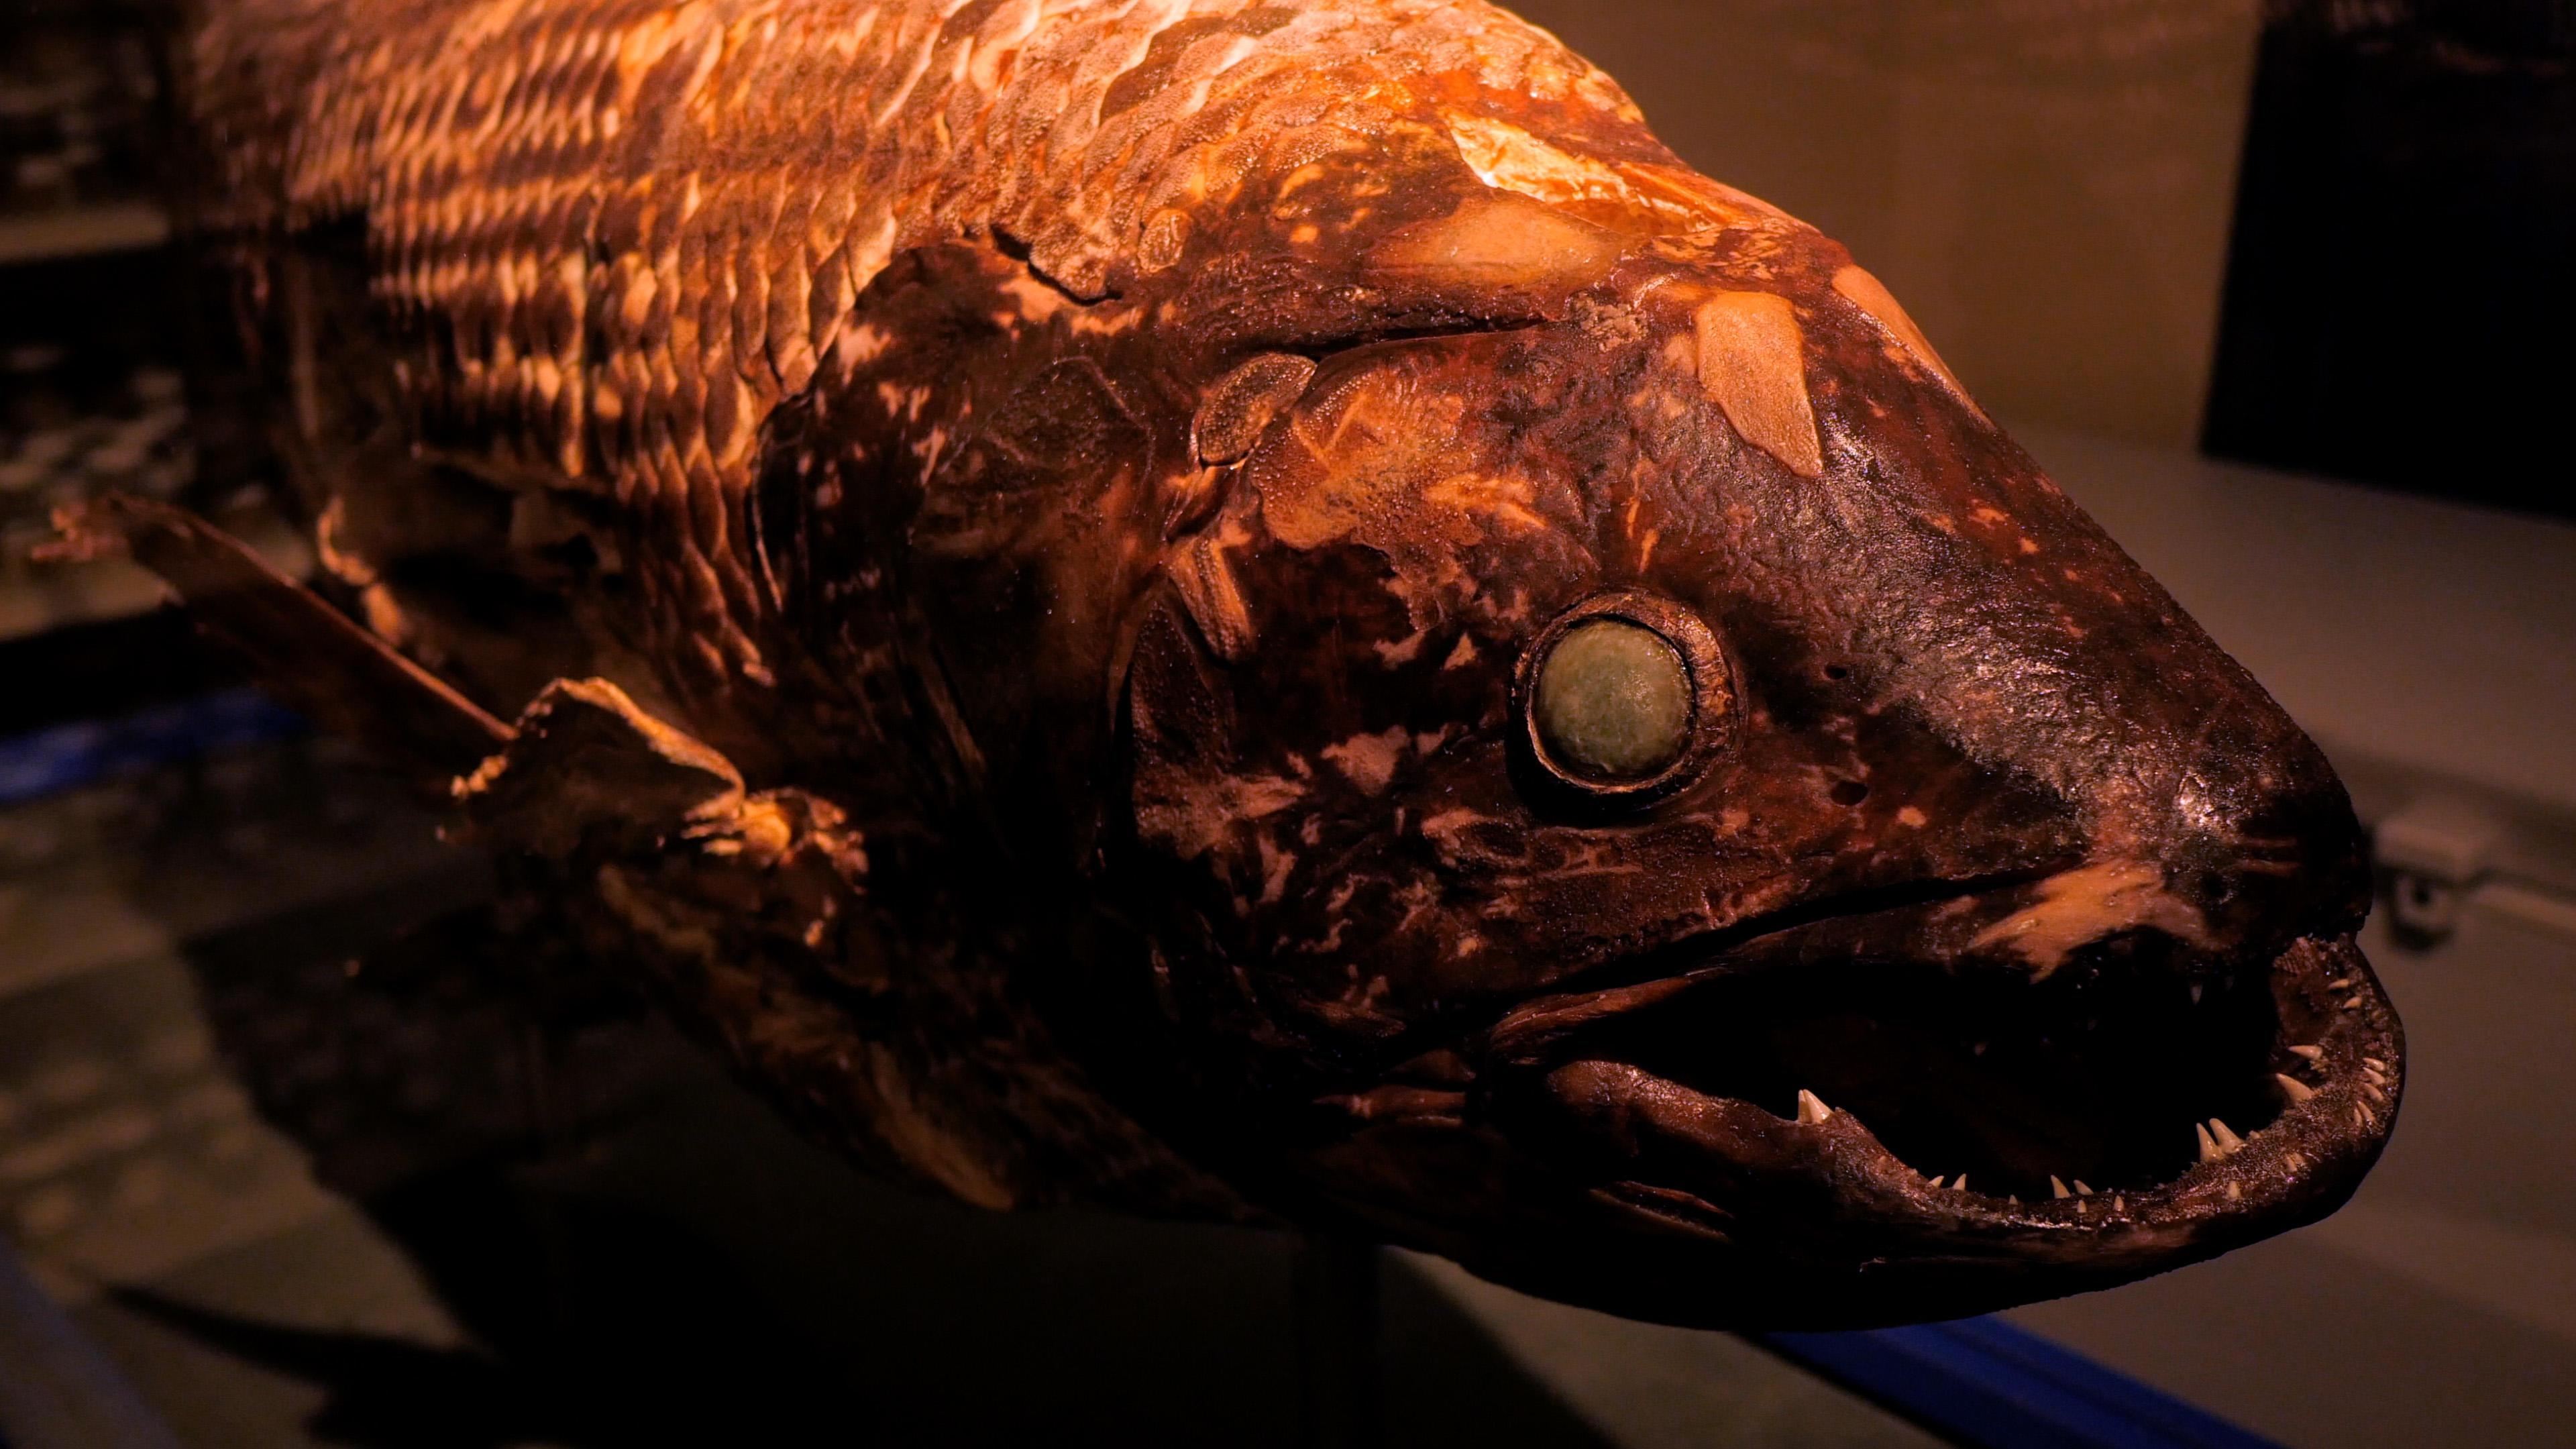 生きた化石シーラカンスの標本を展示 -- 北里大学海洋生命科学部